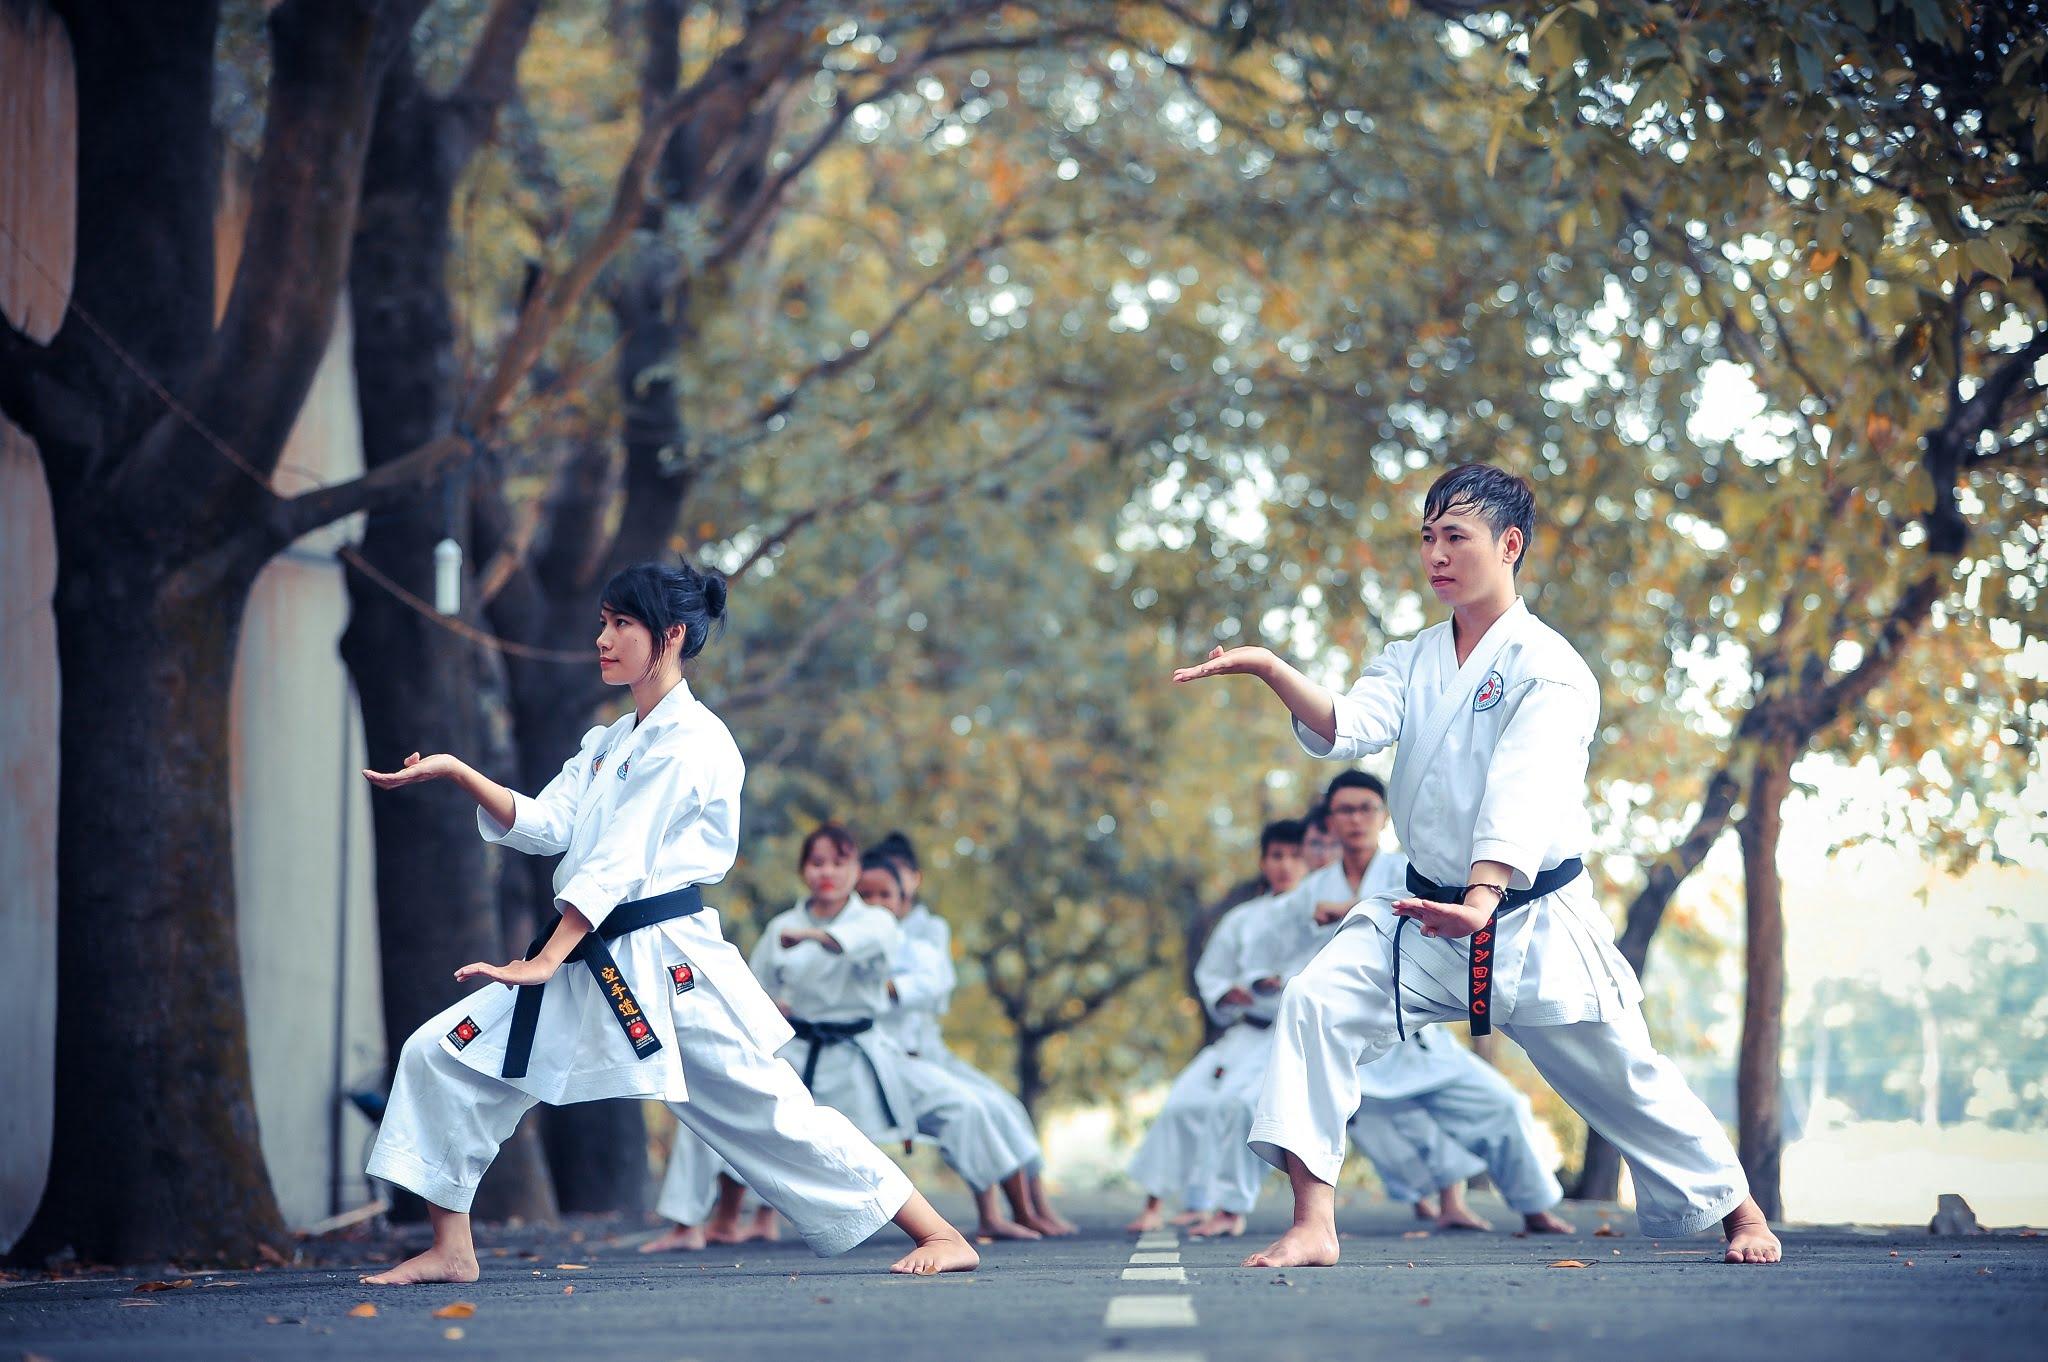 DSC 1209 - Chụp ảnh võ thuật ở KDL Thủy Châu